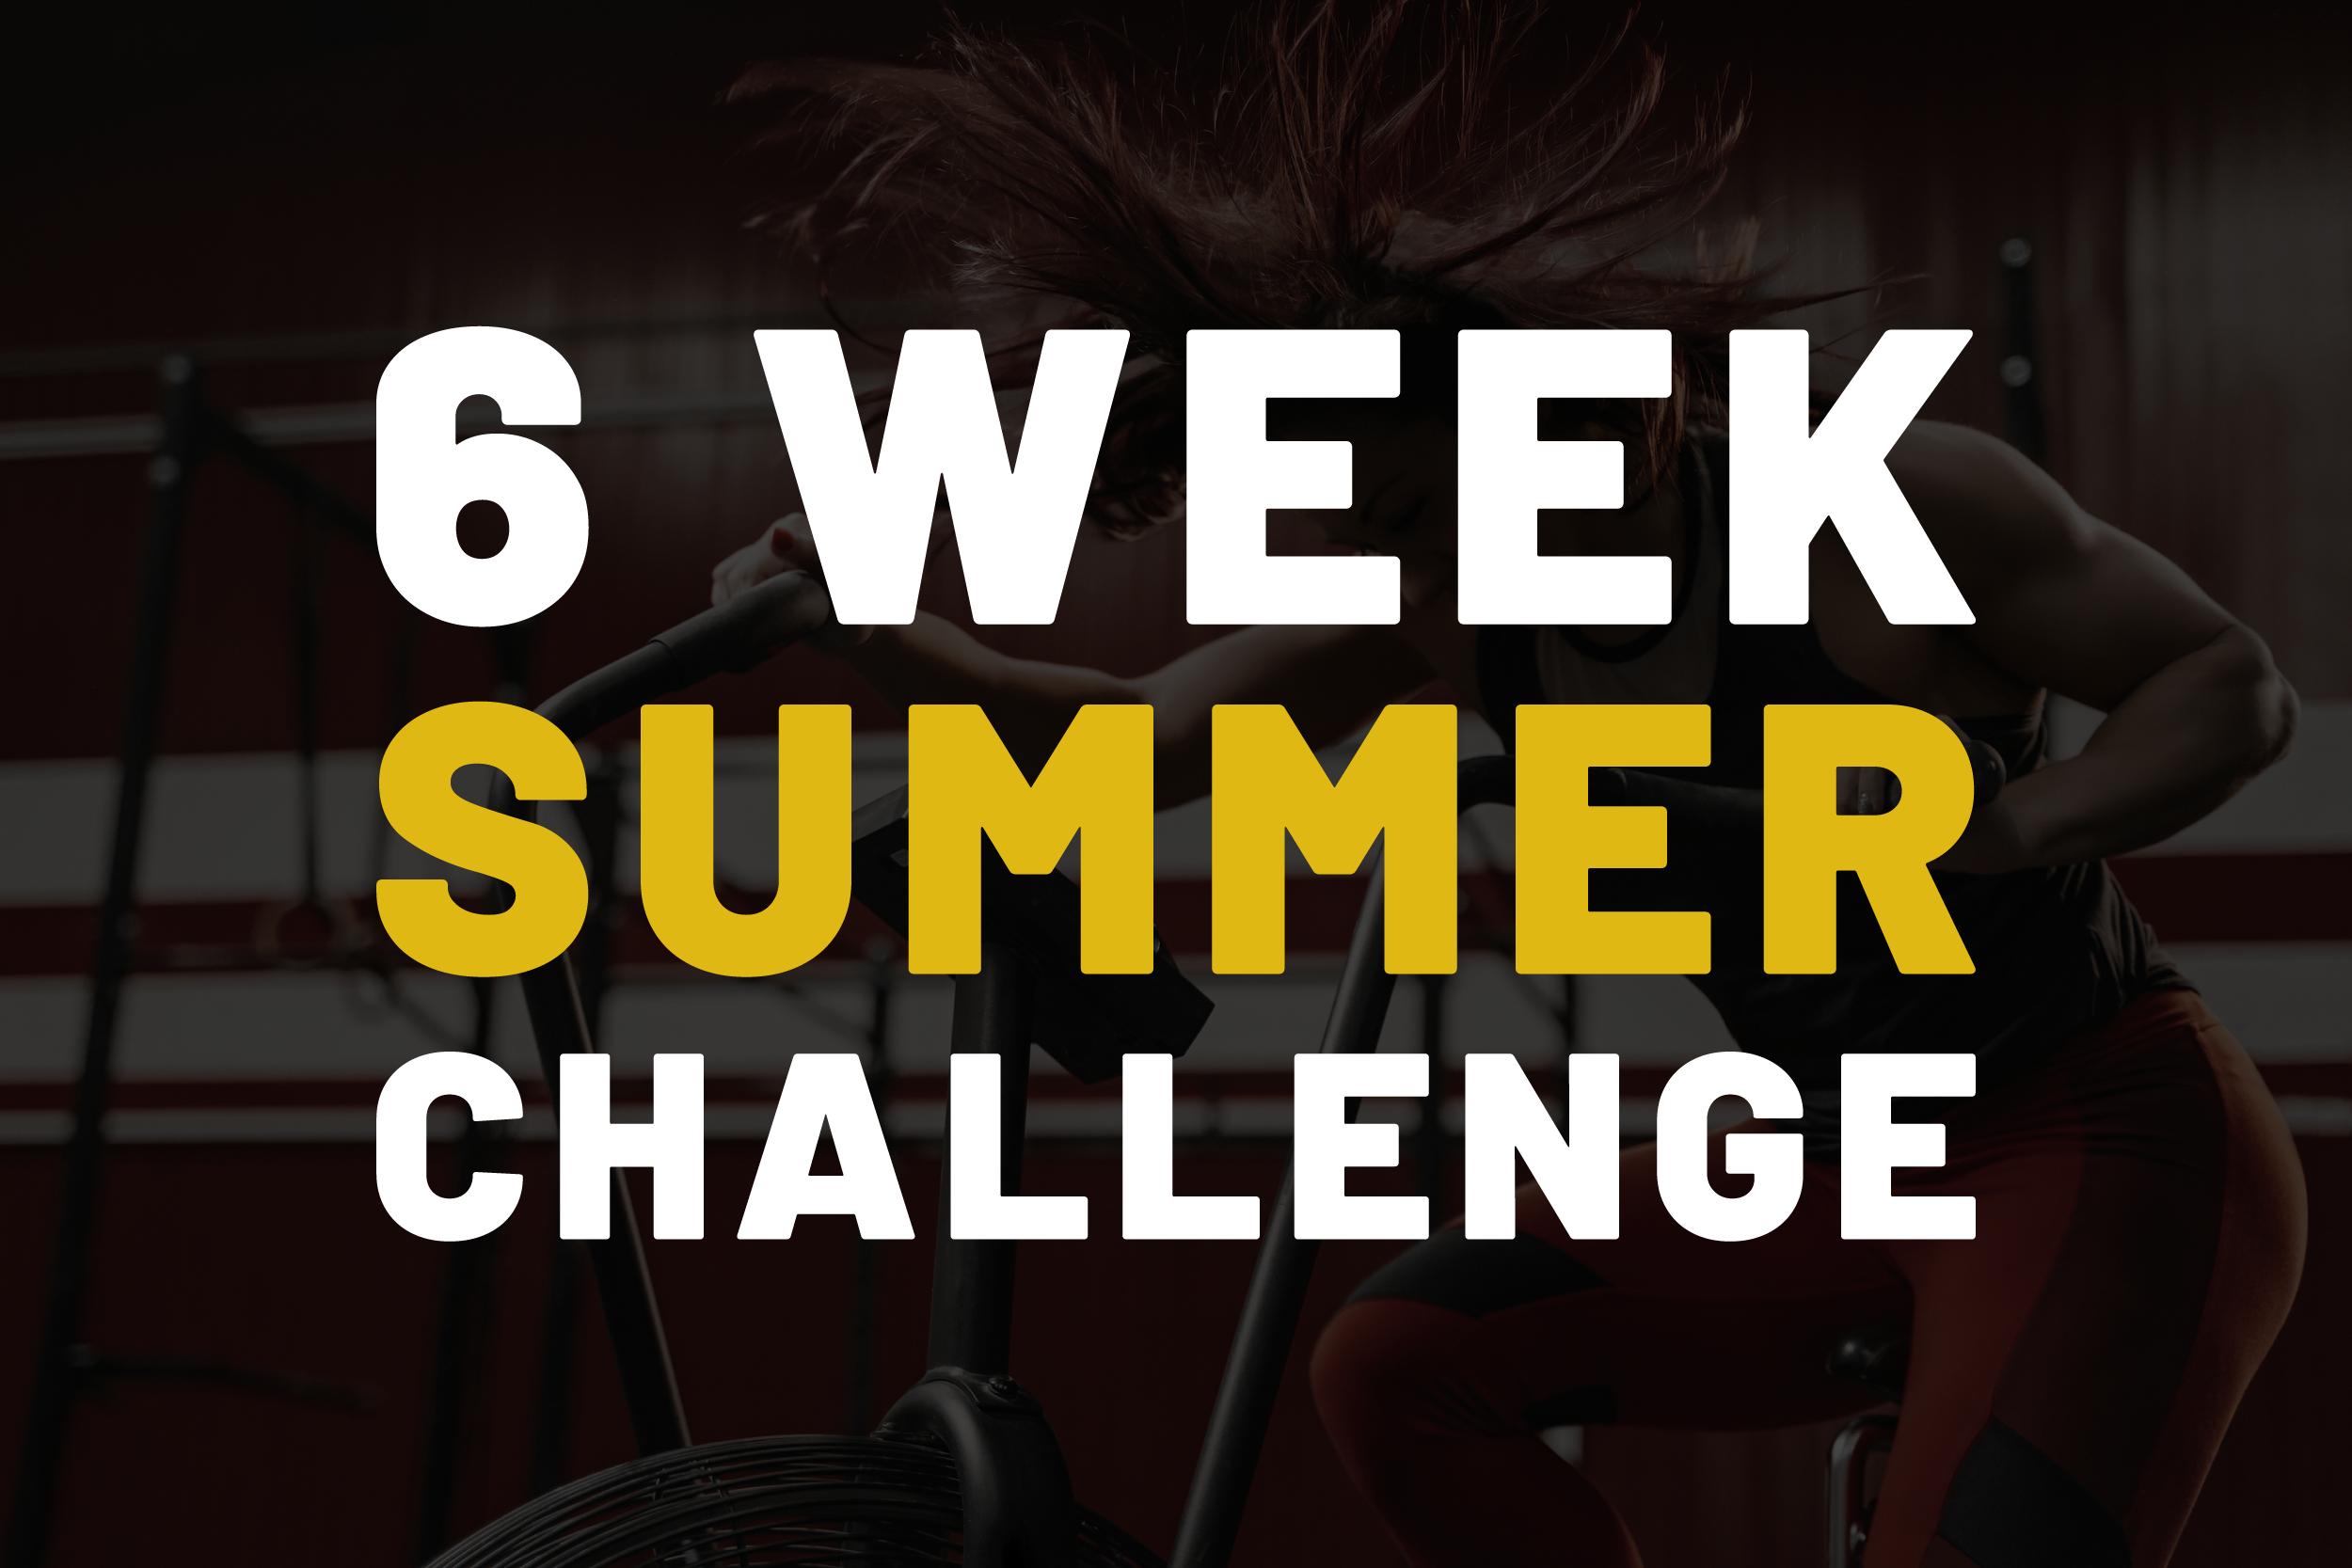 6 Week Summer Challenge